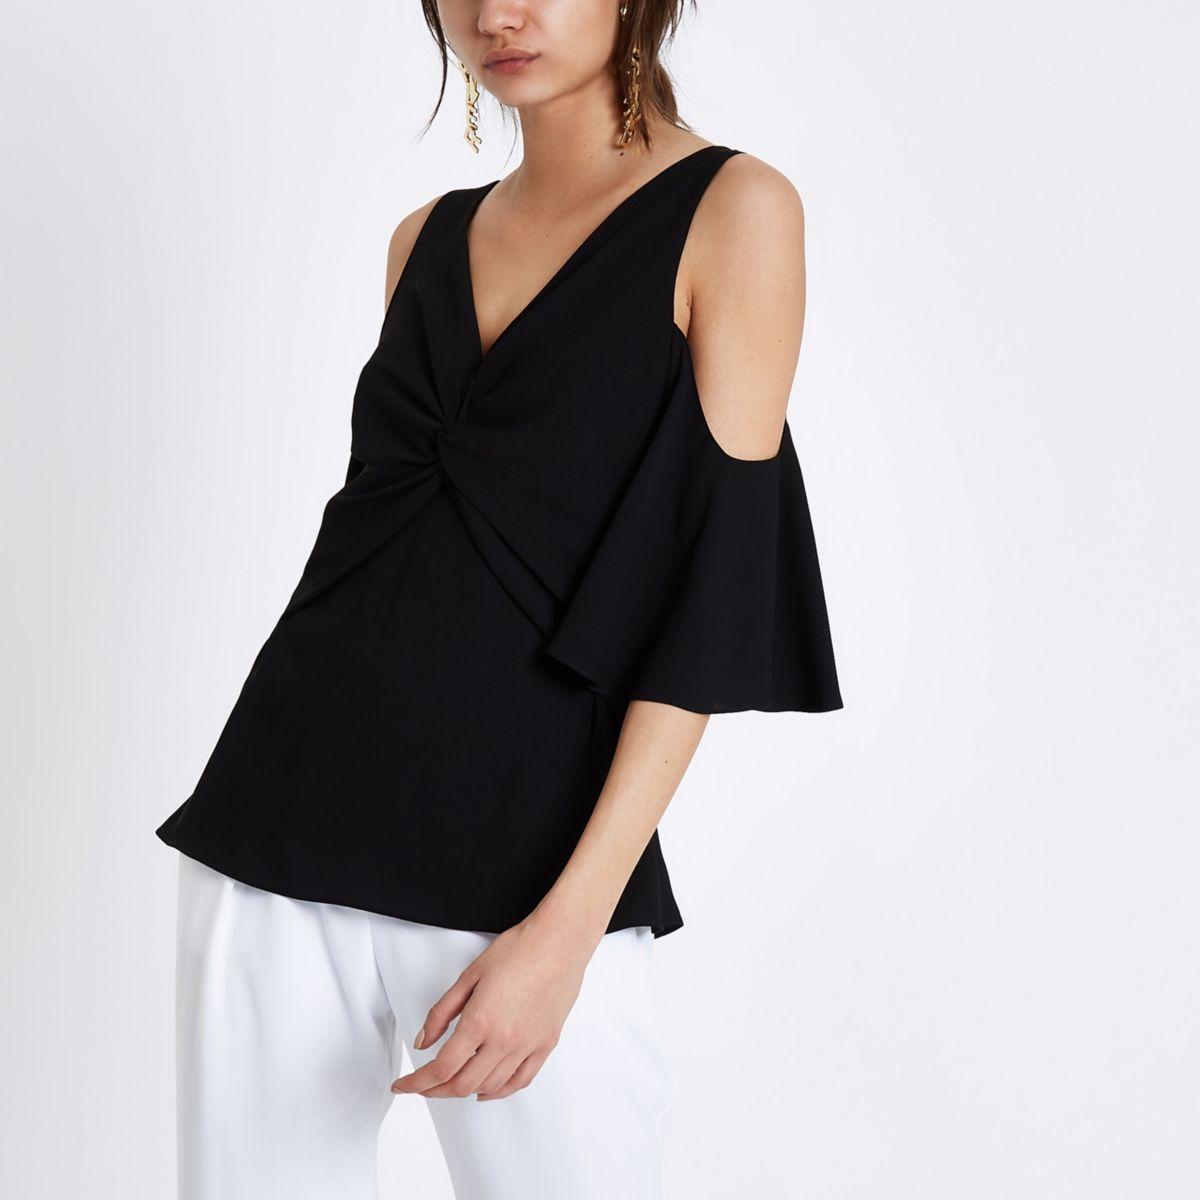 Zwarte schouderloze blouse met knoop voor